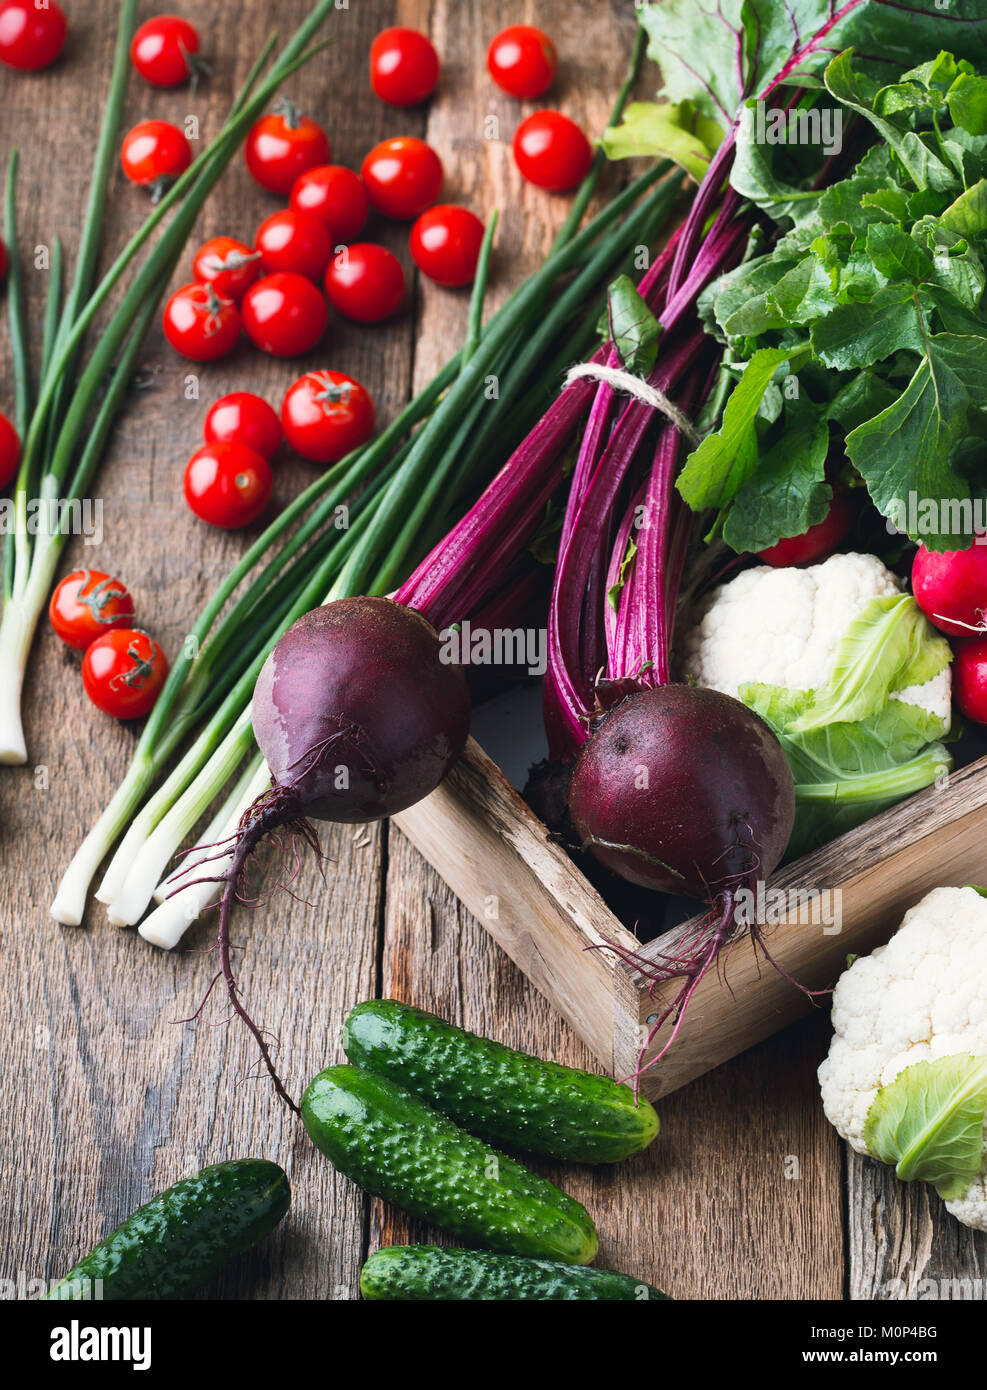 Cultivo de huertas. La cosecha sigue la vida. Composición de alimentos orgánicos frescos de remolachas, Imagen De Stock